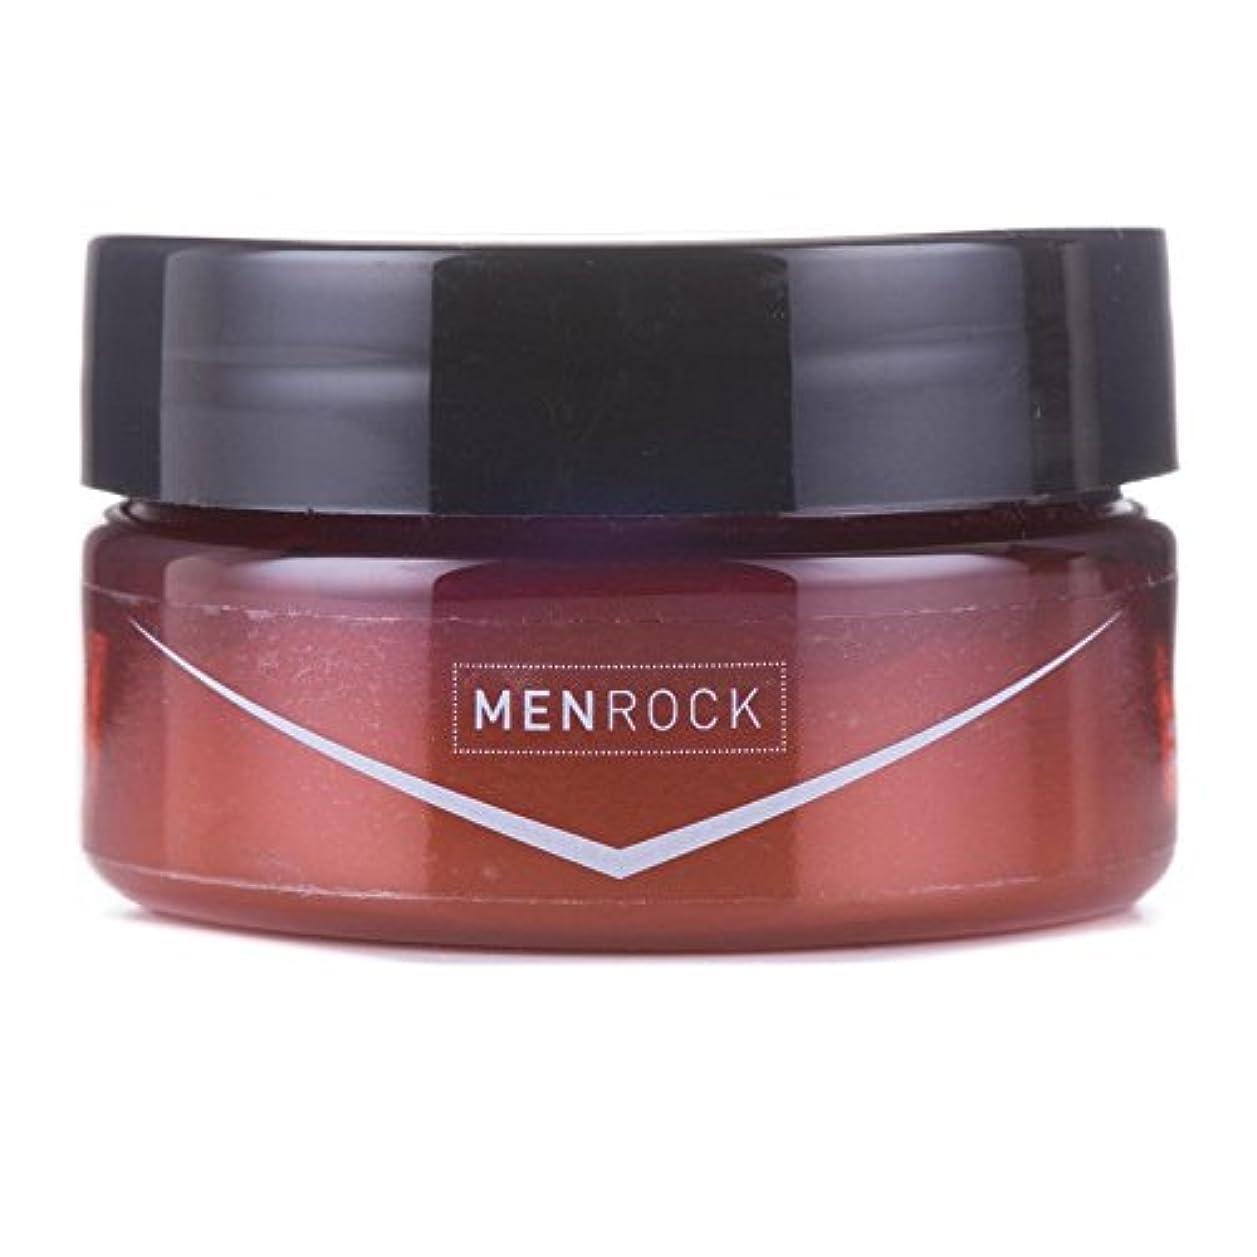 補正パンツ反響するMen Rock Sandalwood Moustache Wax - 男性の岩白檀口ひげワックス [並行輸入品]